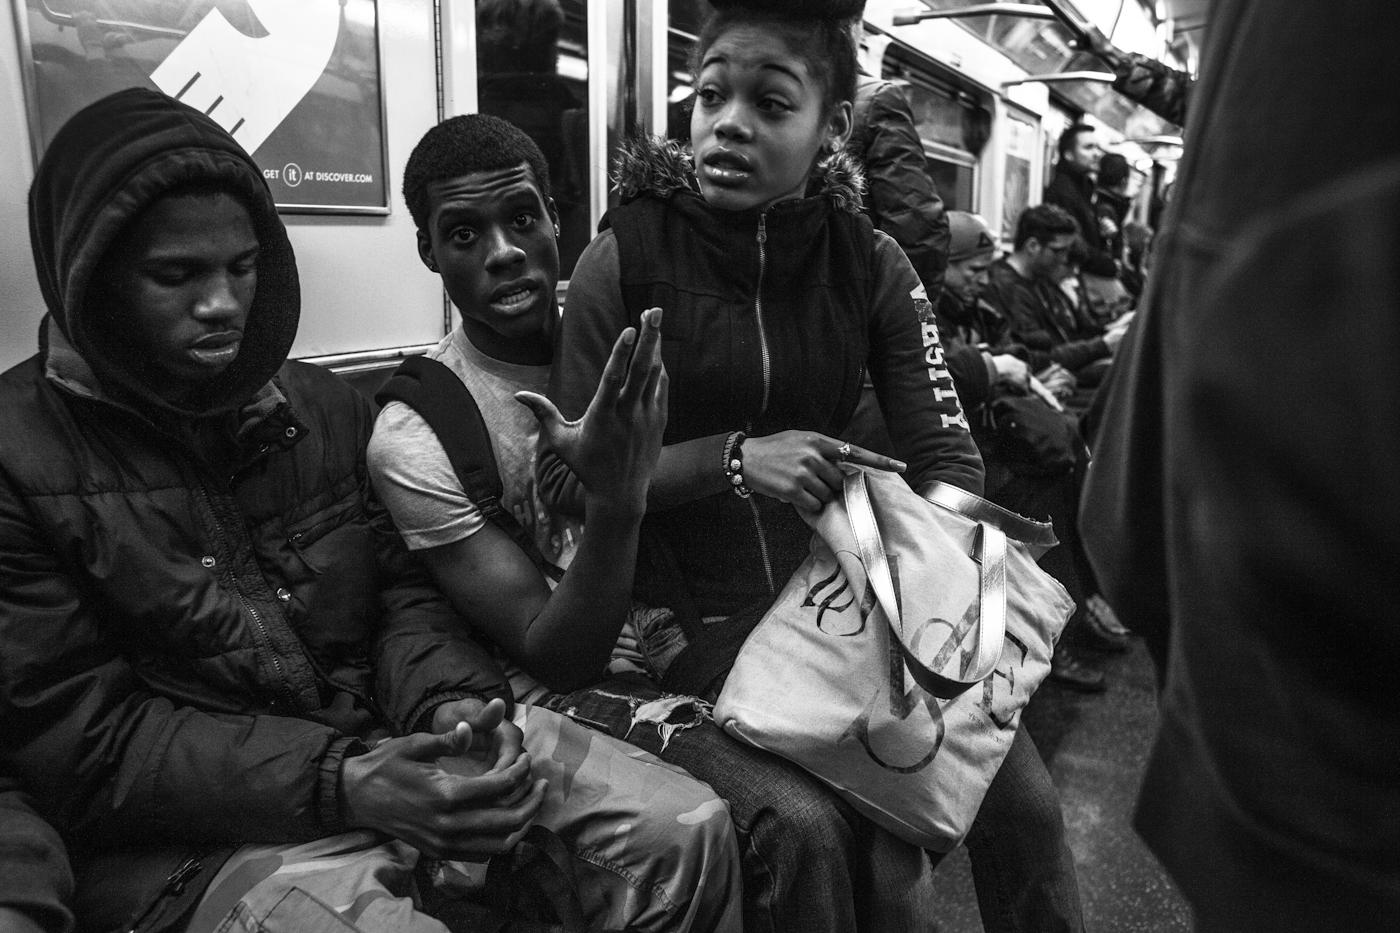 Subways-25.jpg